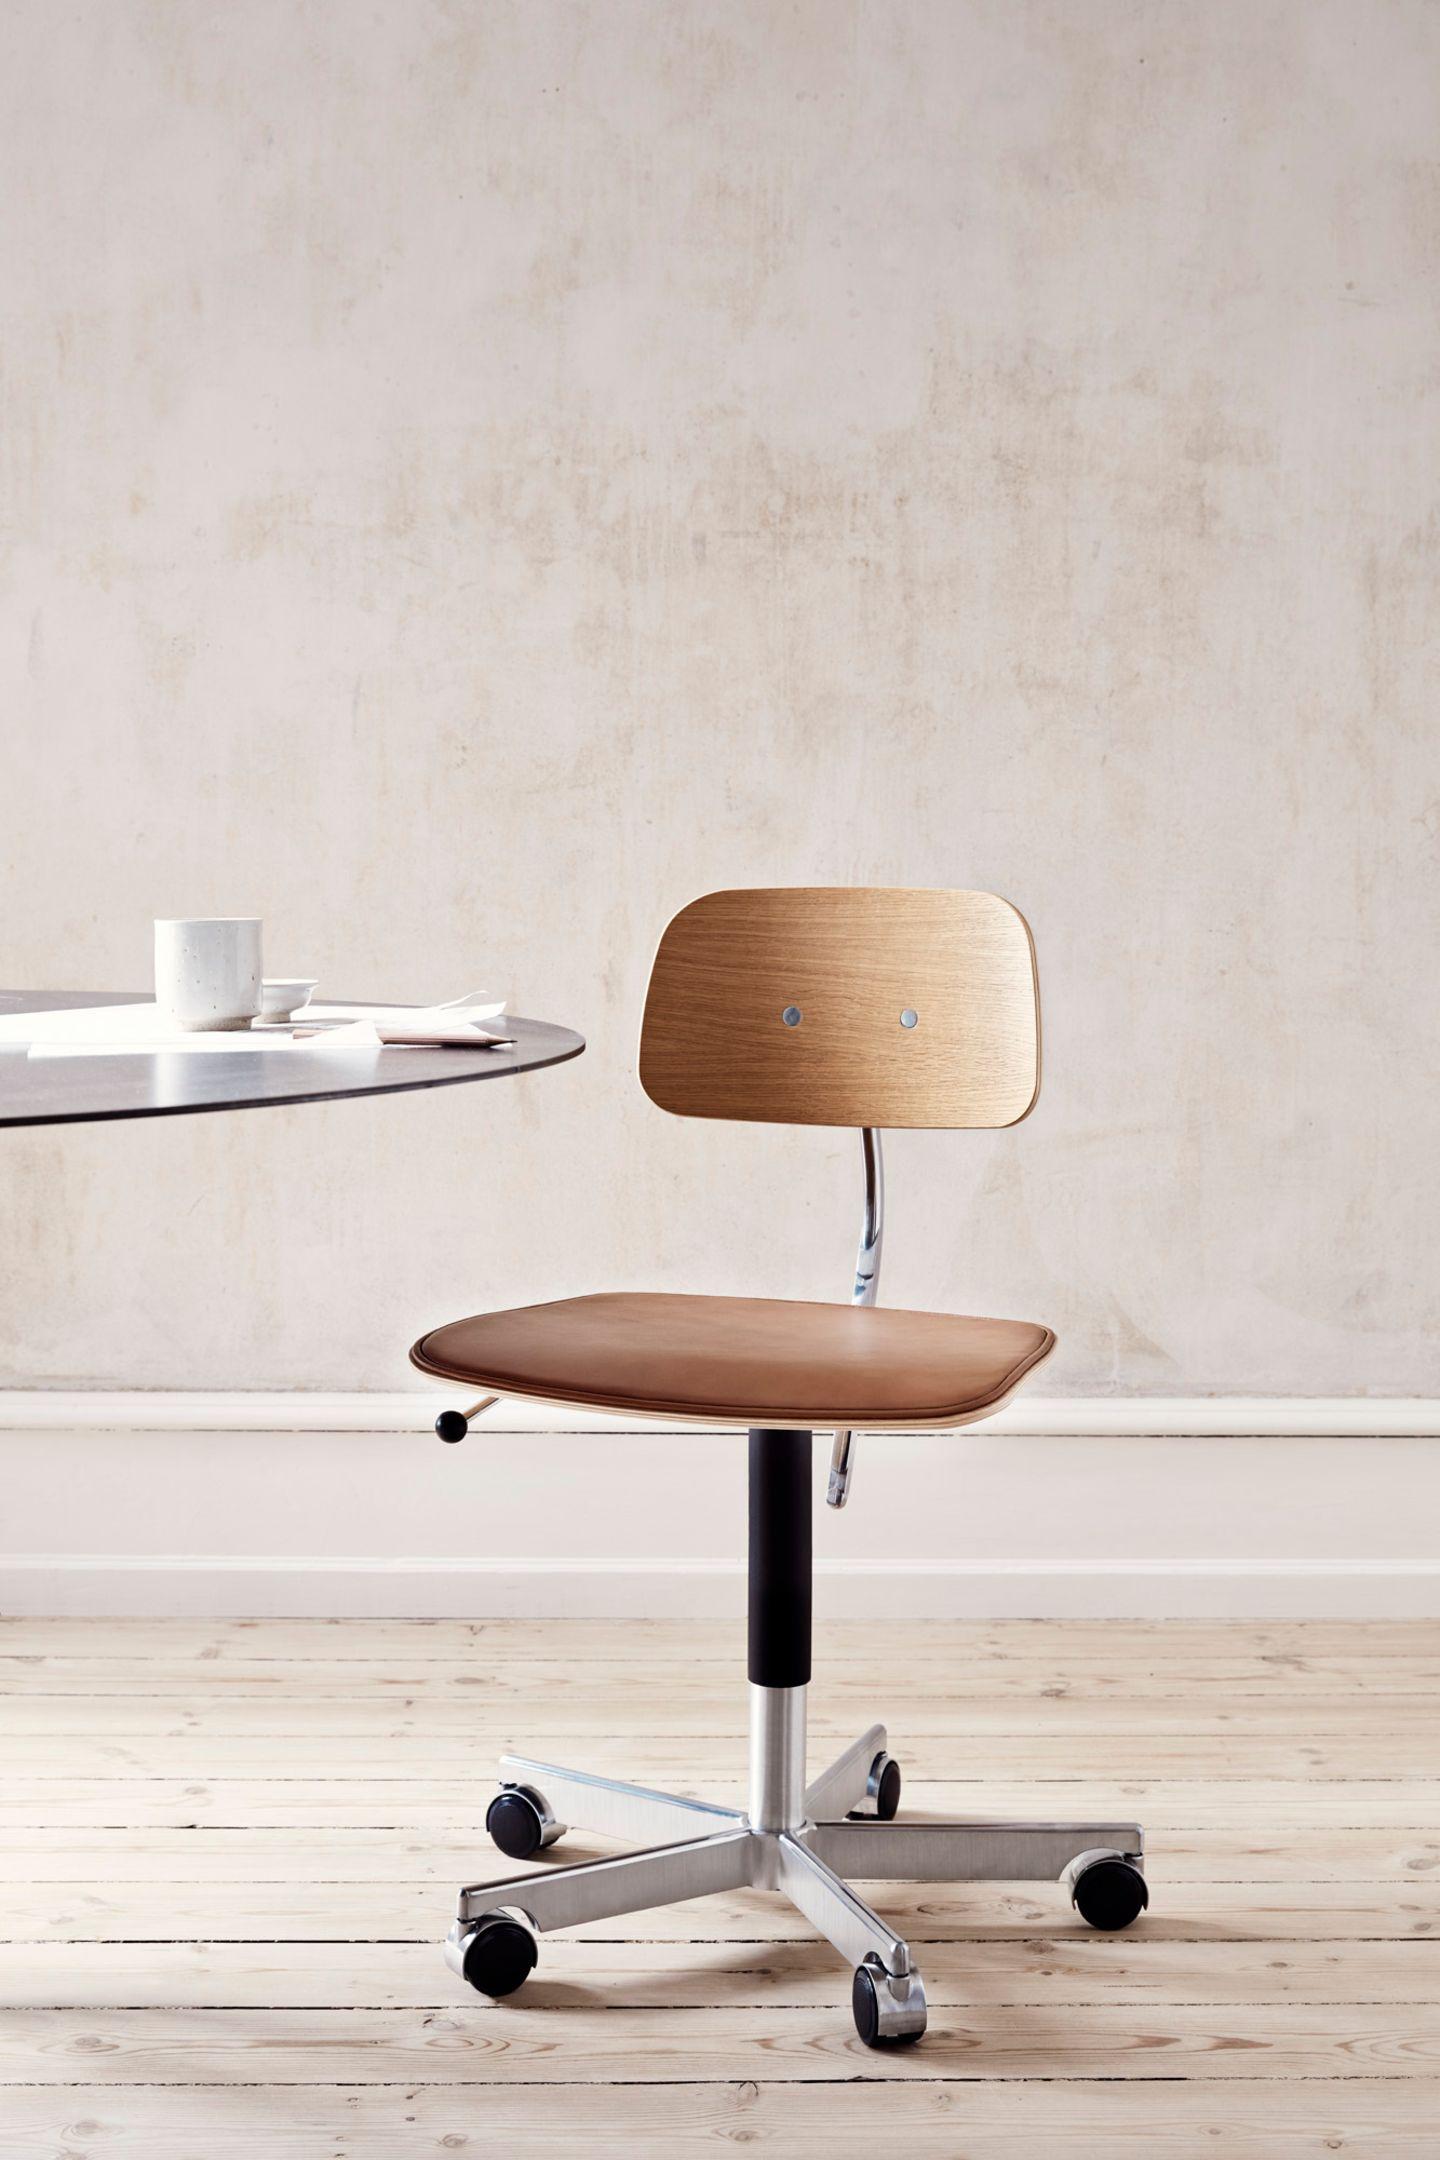 Heller Raum in dem ein Schreibtischstuhl steht, links ein Tisch